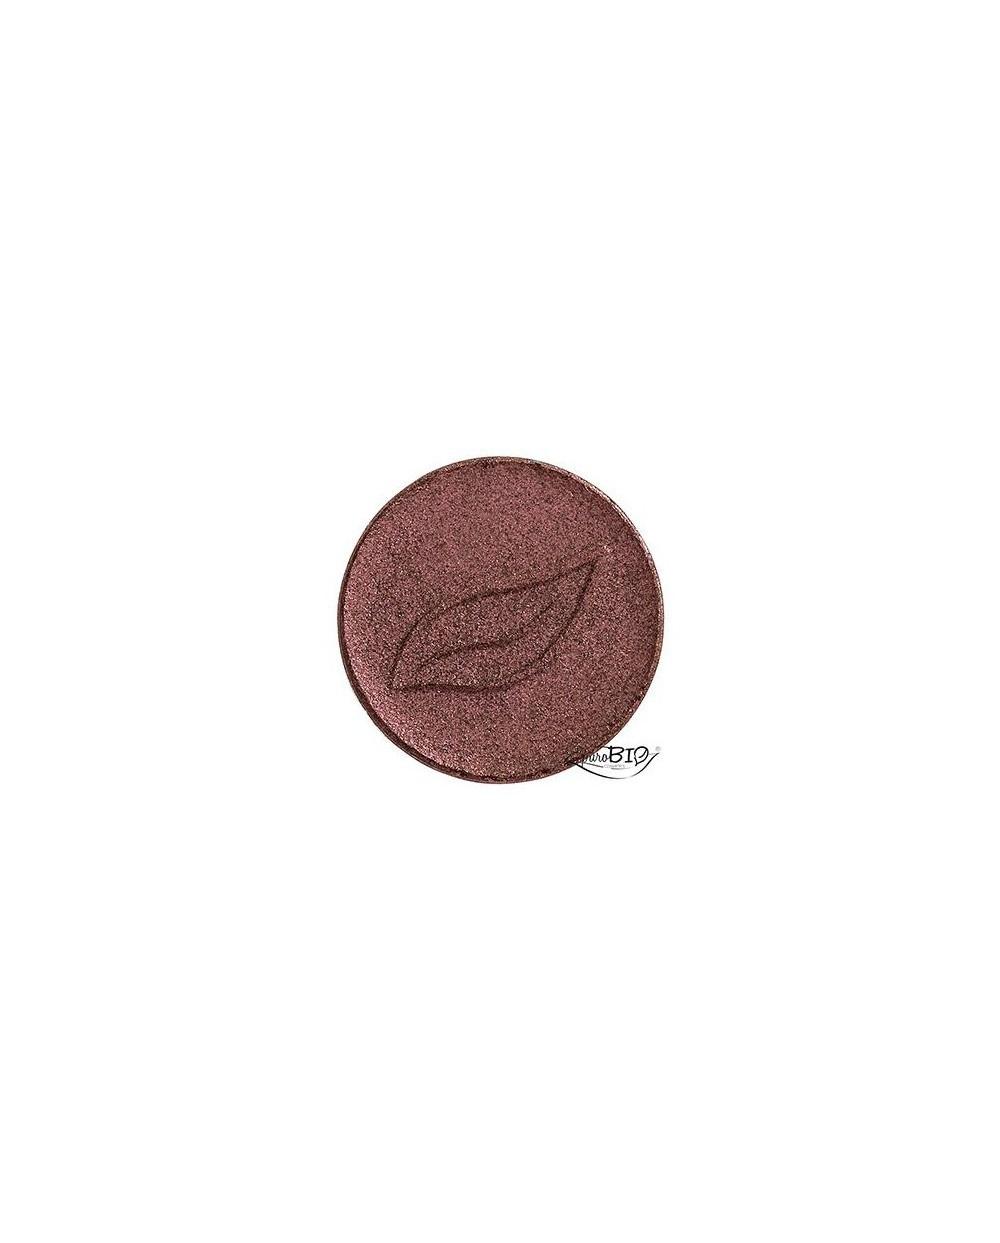 PuroBIO Cosmetics - Ombretto in cialda 15 Duochrome Rosa antico